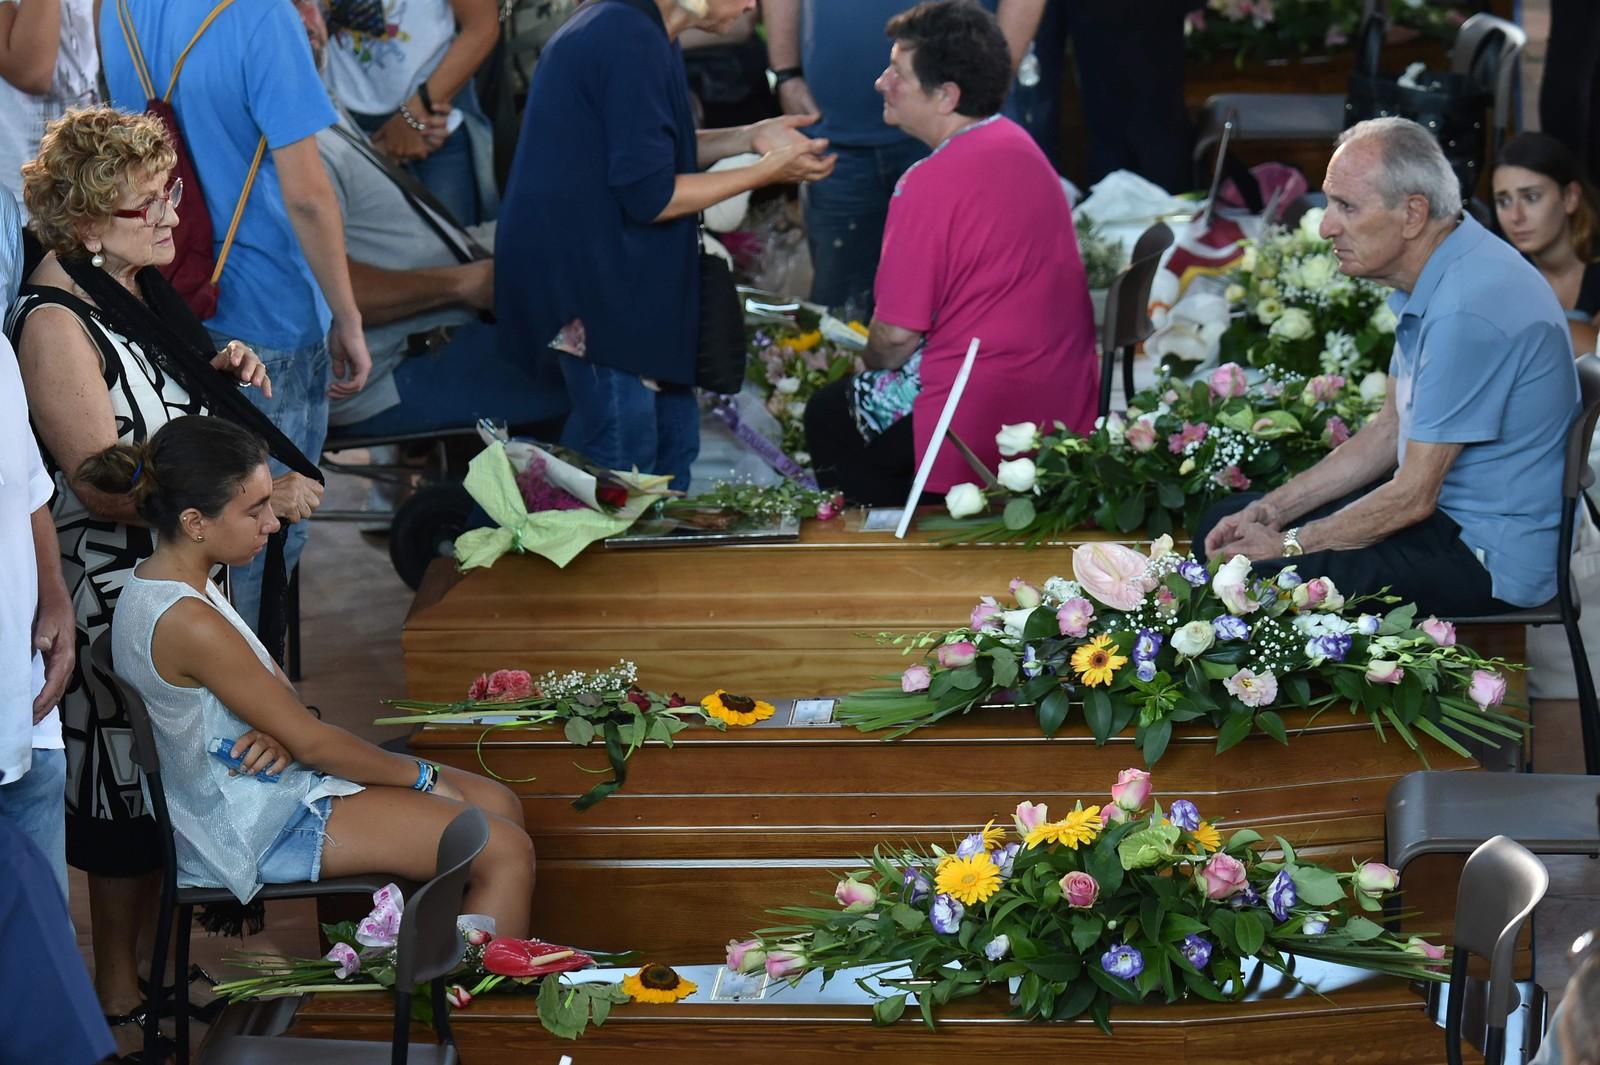 35 kister dekorerte med blomster og bilete stod inne i idrettshallen i Ascoli Piceno.